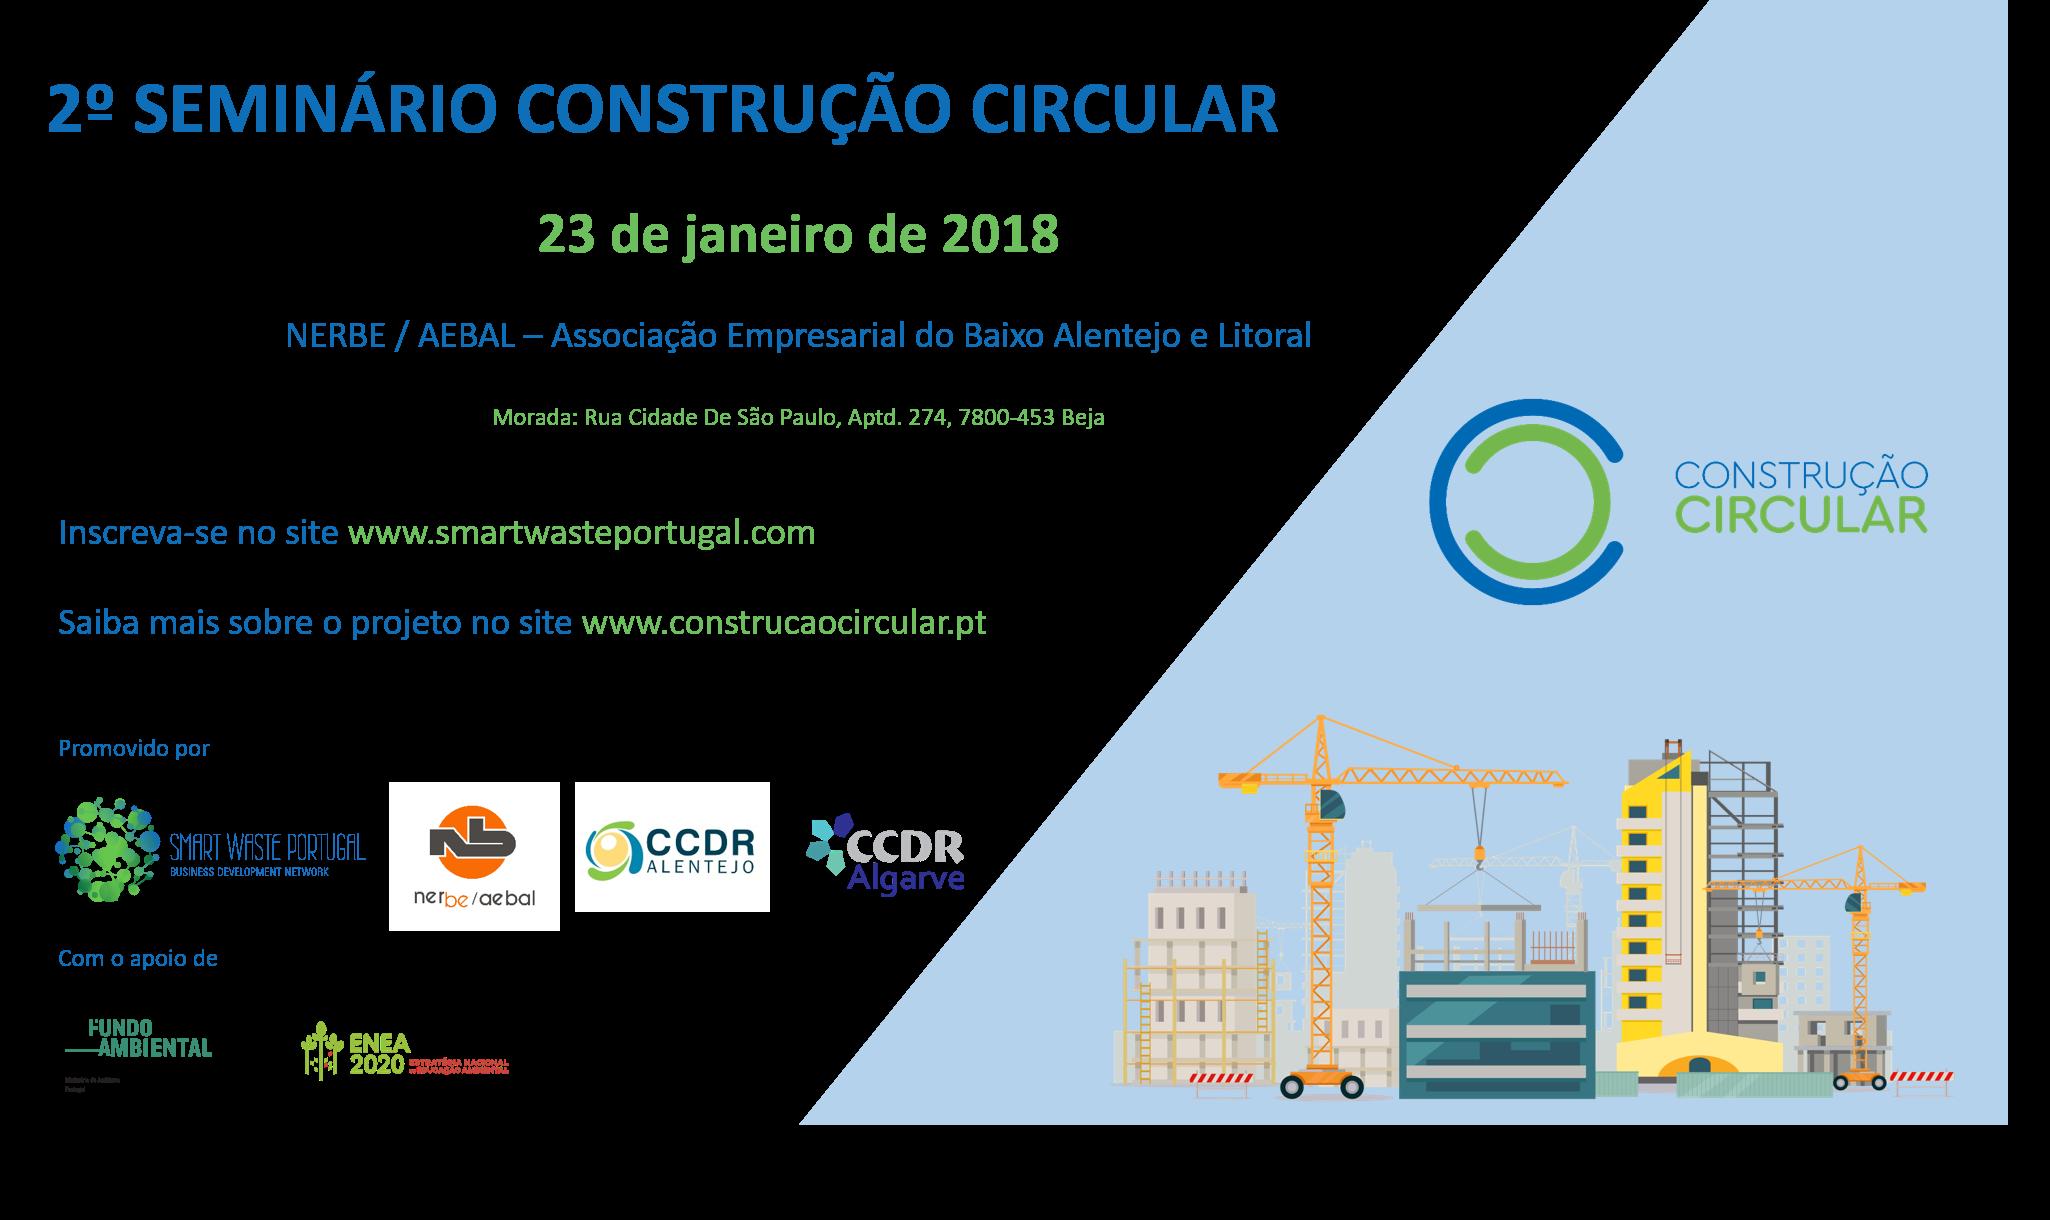 Construção Circular